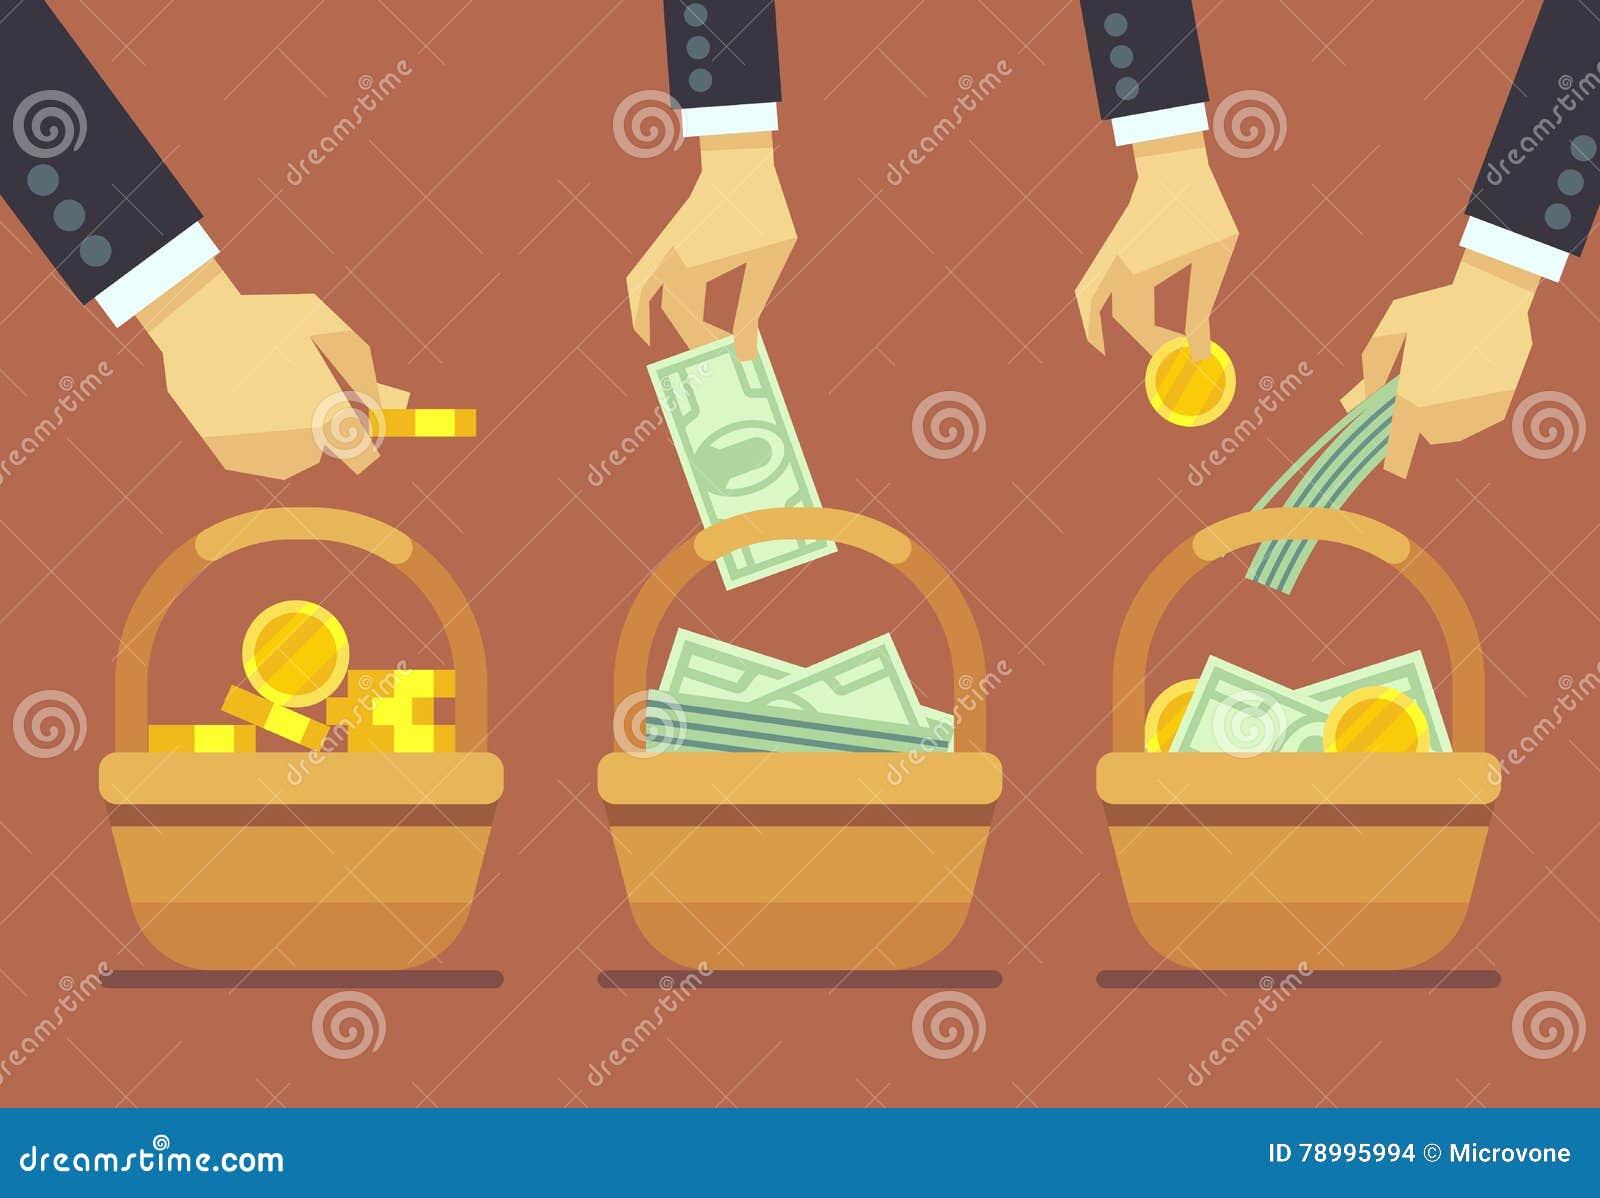 Concepto del vector de la diversificación del negocio No ponga todos sus huevos en una cesta